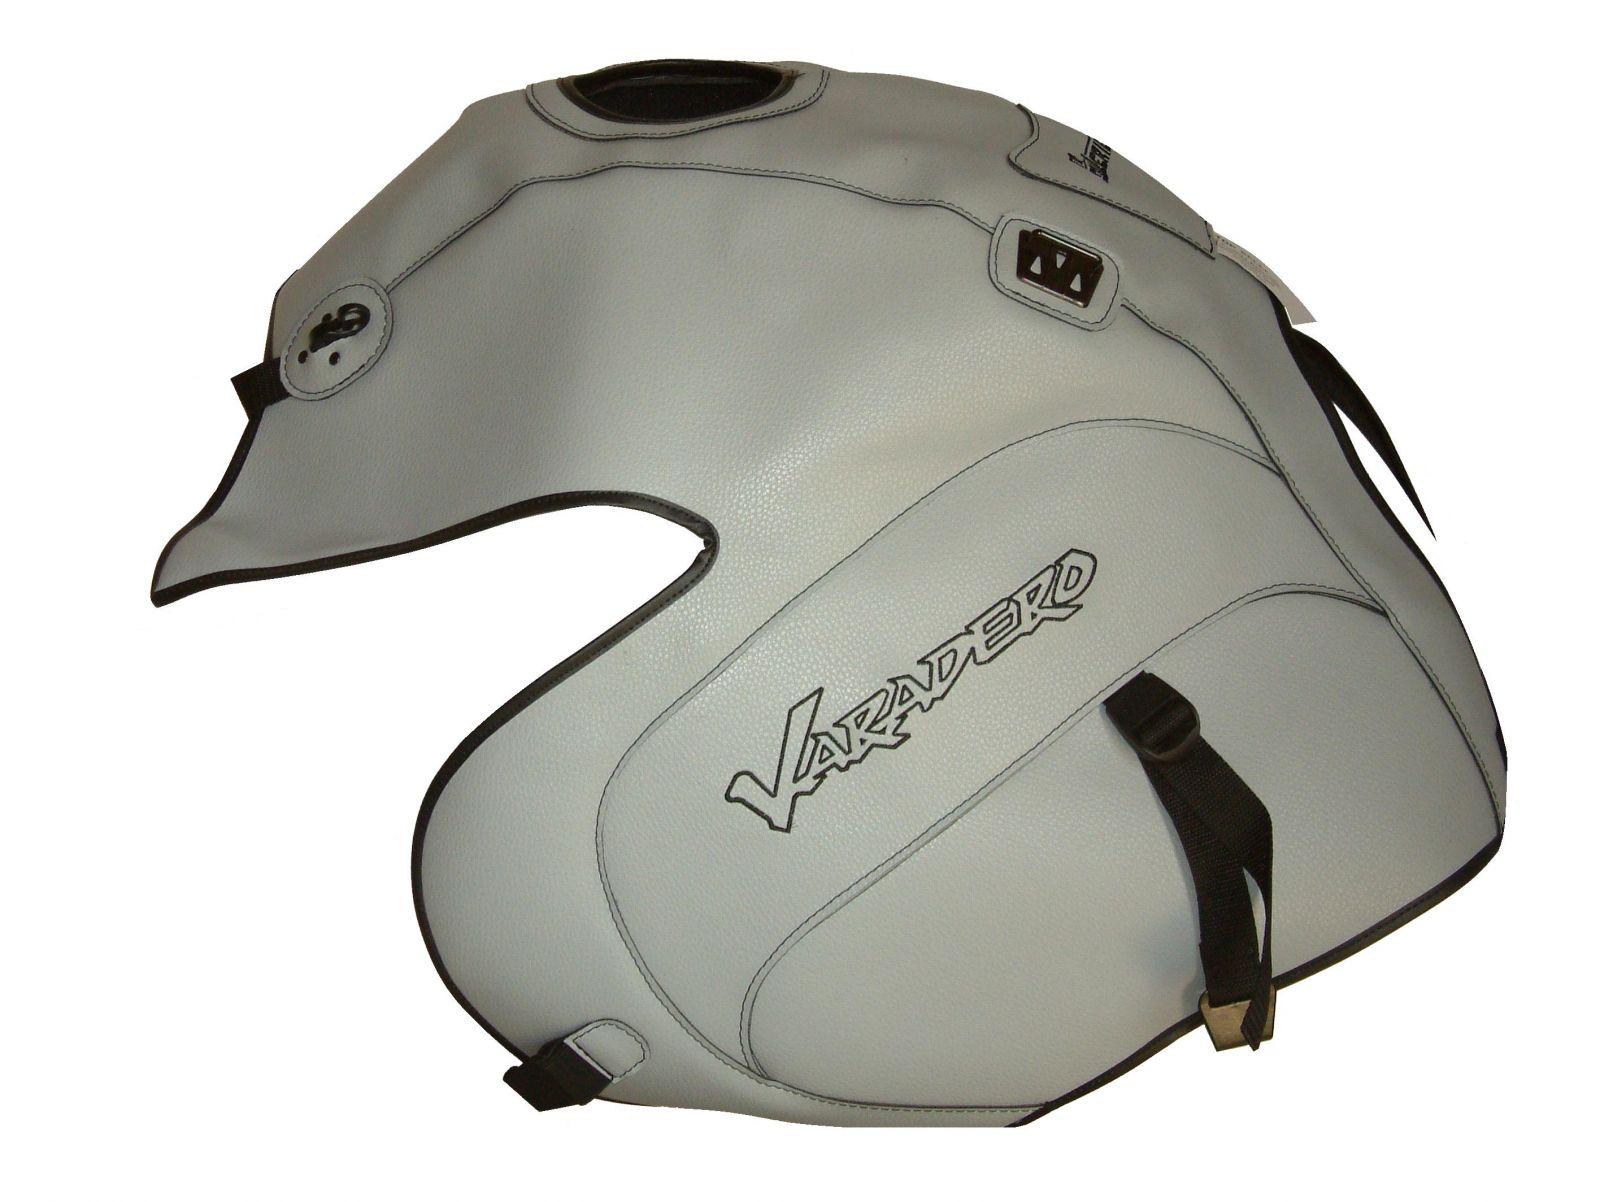 Cubre depósito TPR1883 - HONDA VARADERO XL 1000 V [1998-2006]